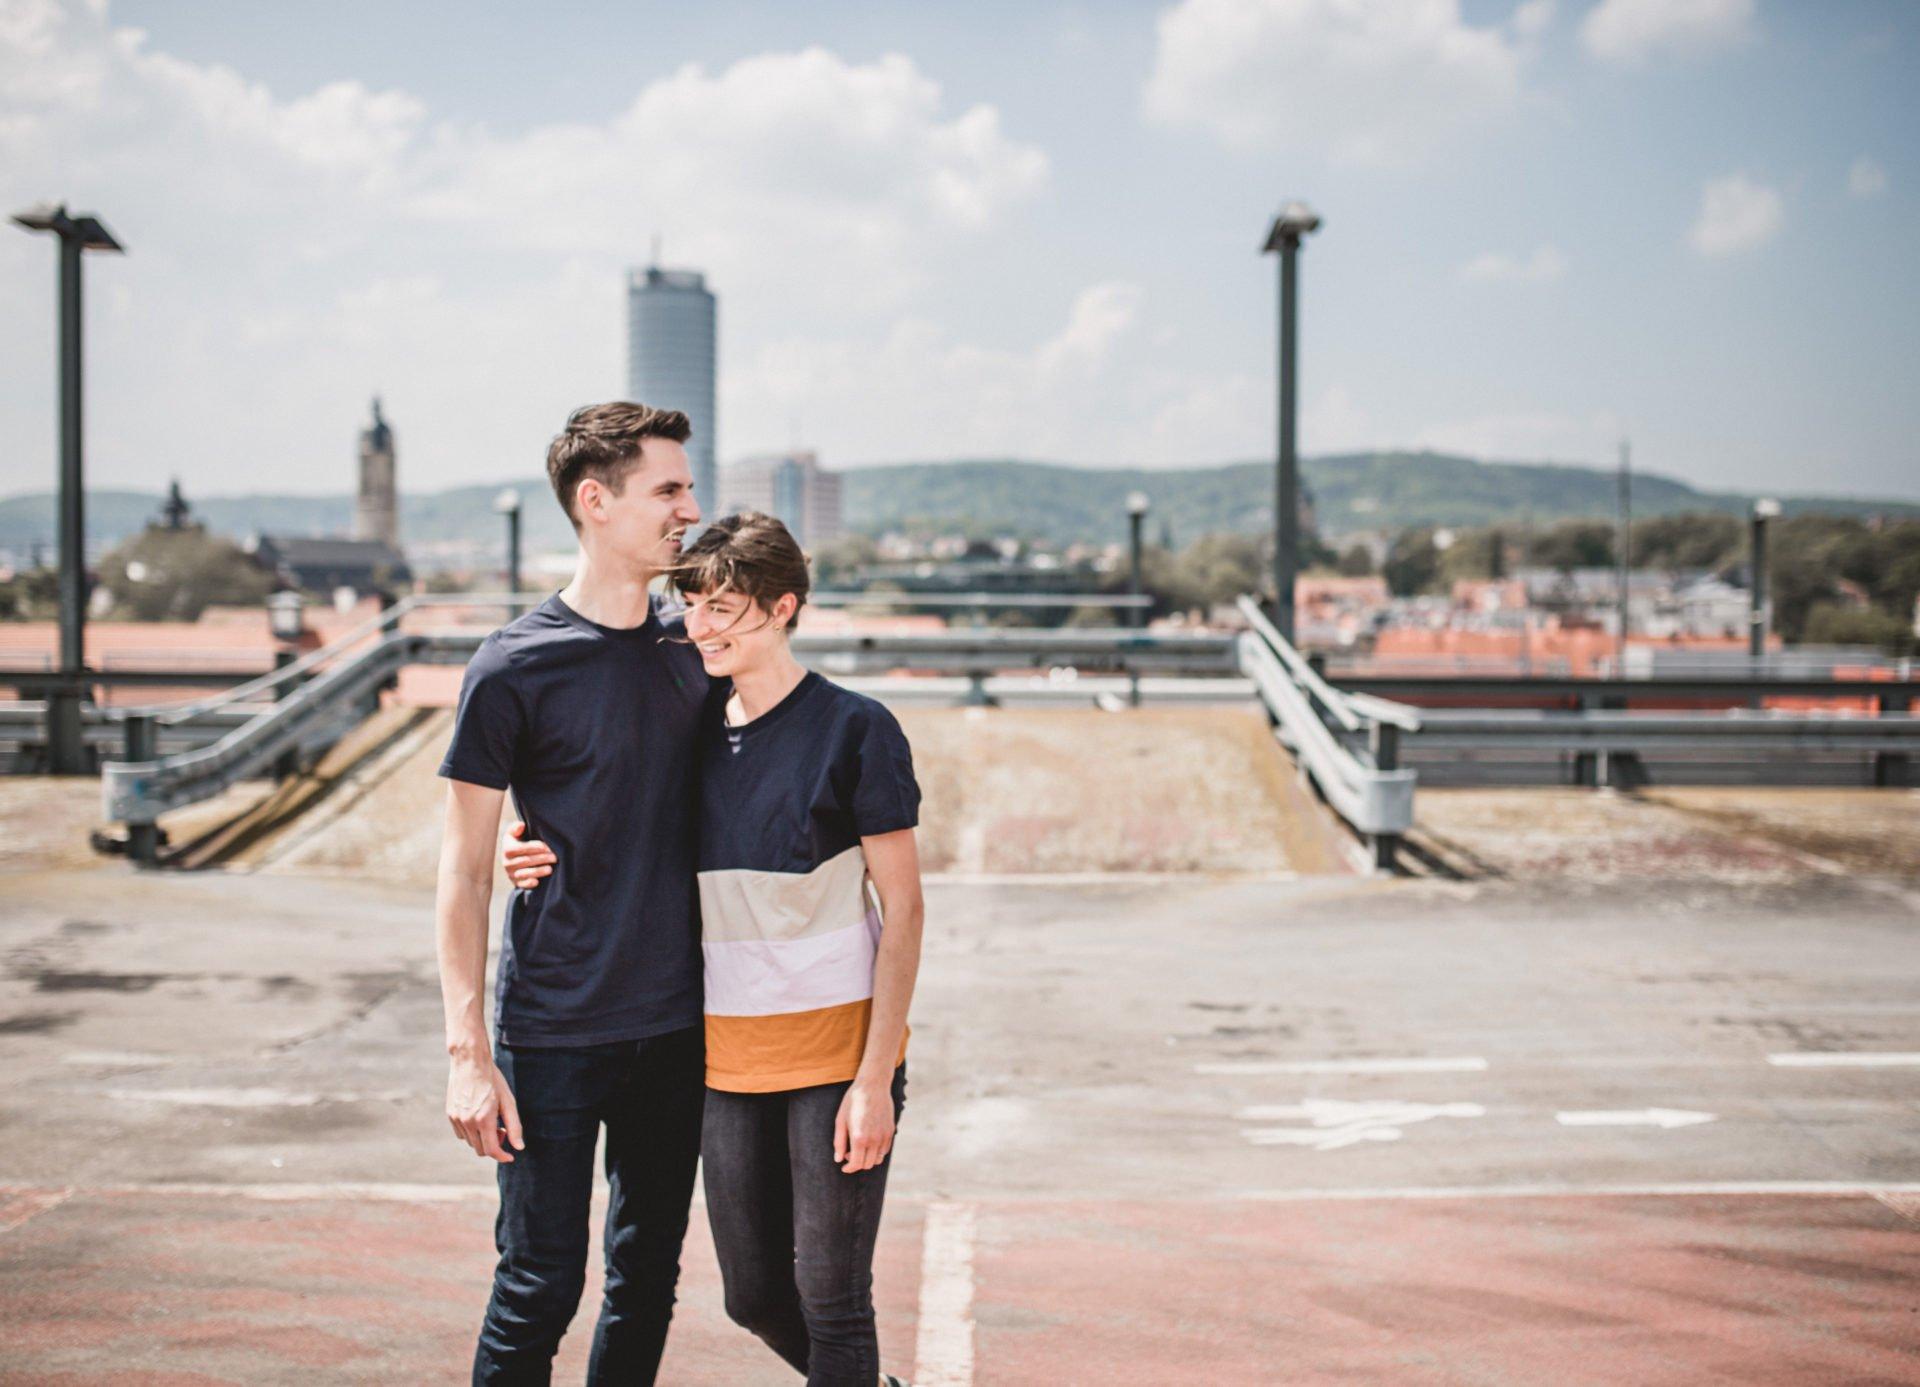 Liebesgeschichte | Liebesgeschichte auf der Jenaer Schillerpassage | 28